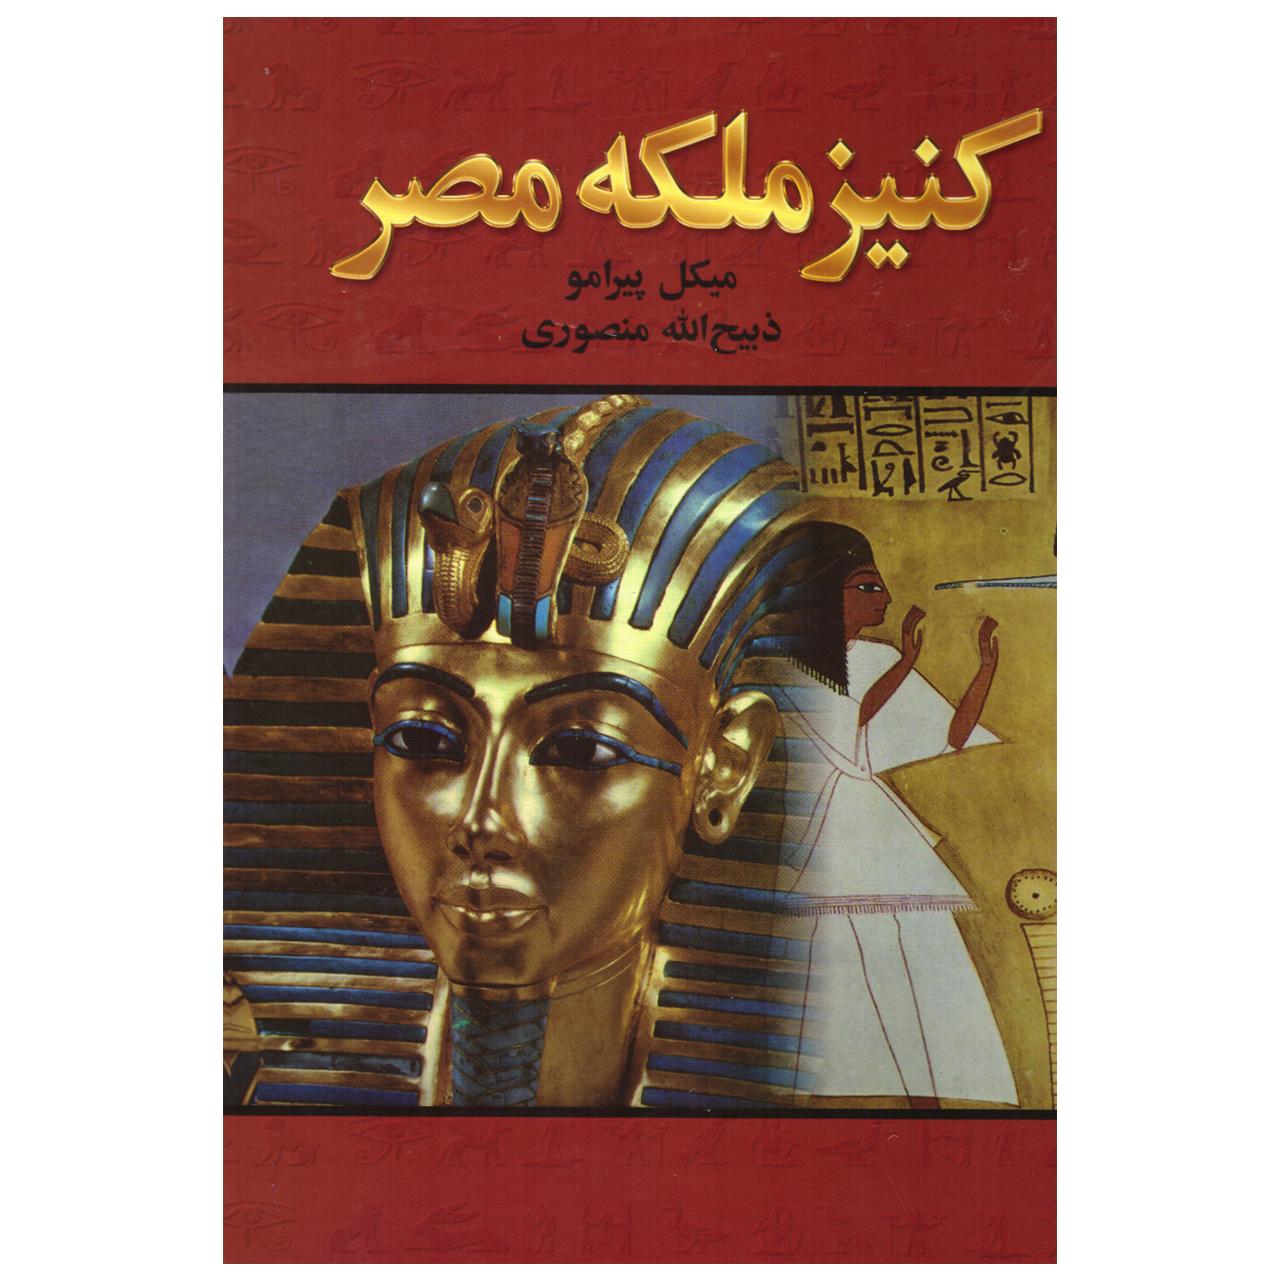 خرید                      کتاب کنیز ملکه مصر اثر میکل پیرامو انتشارات نگارستان کتاب